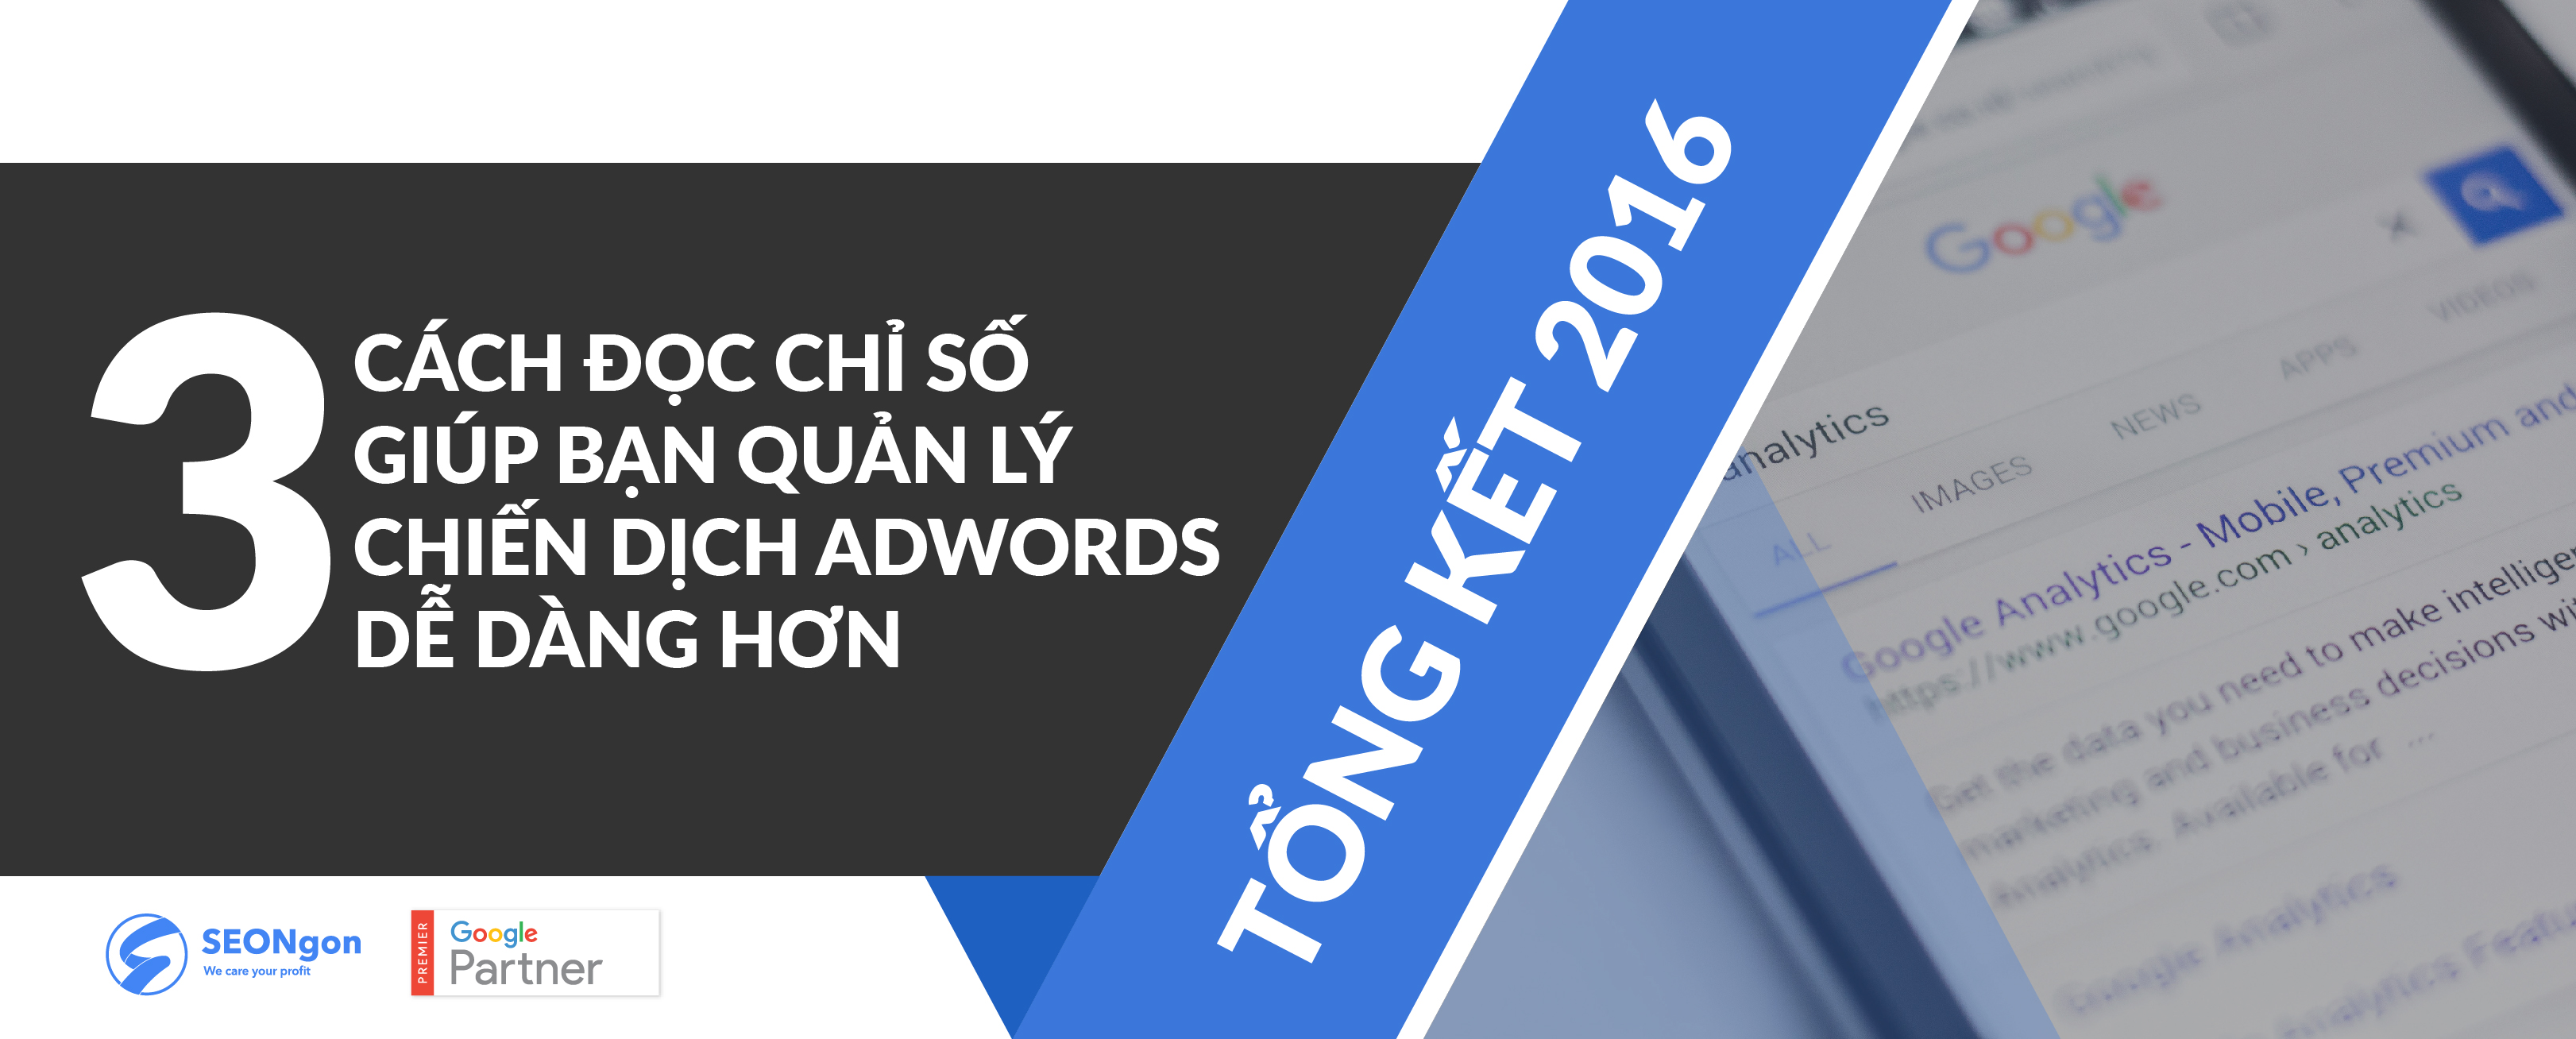 3 chỉ số giúp bạn quản lý chiến dịch AdWords dễ dàng hơn